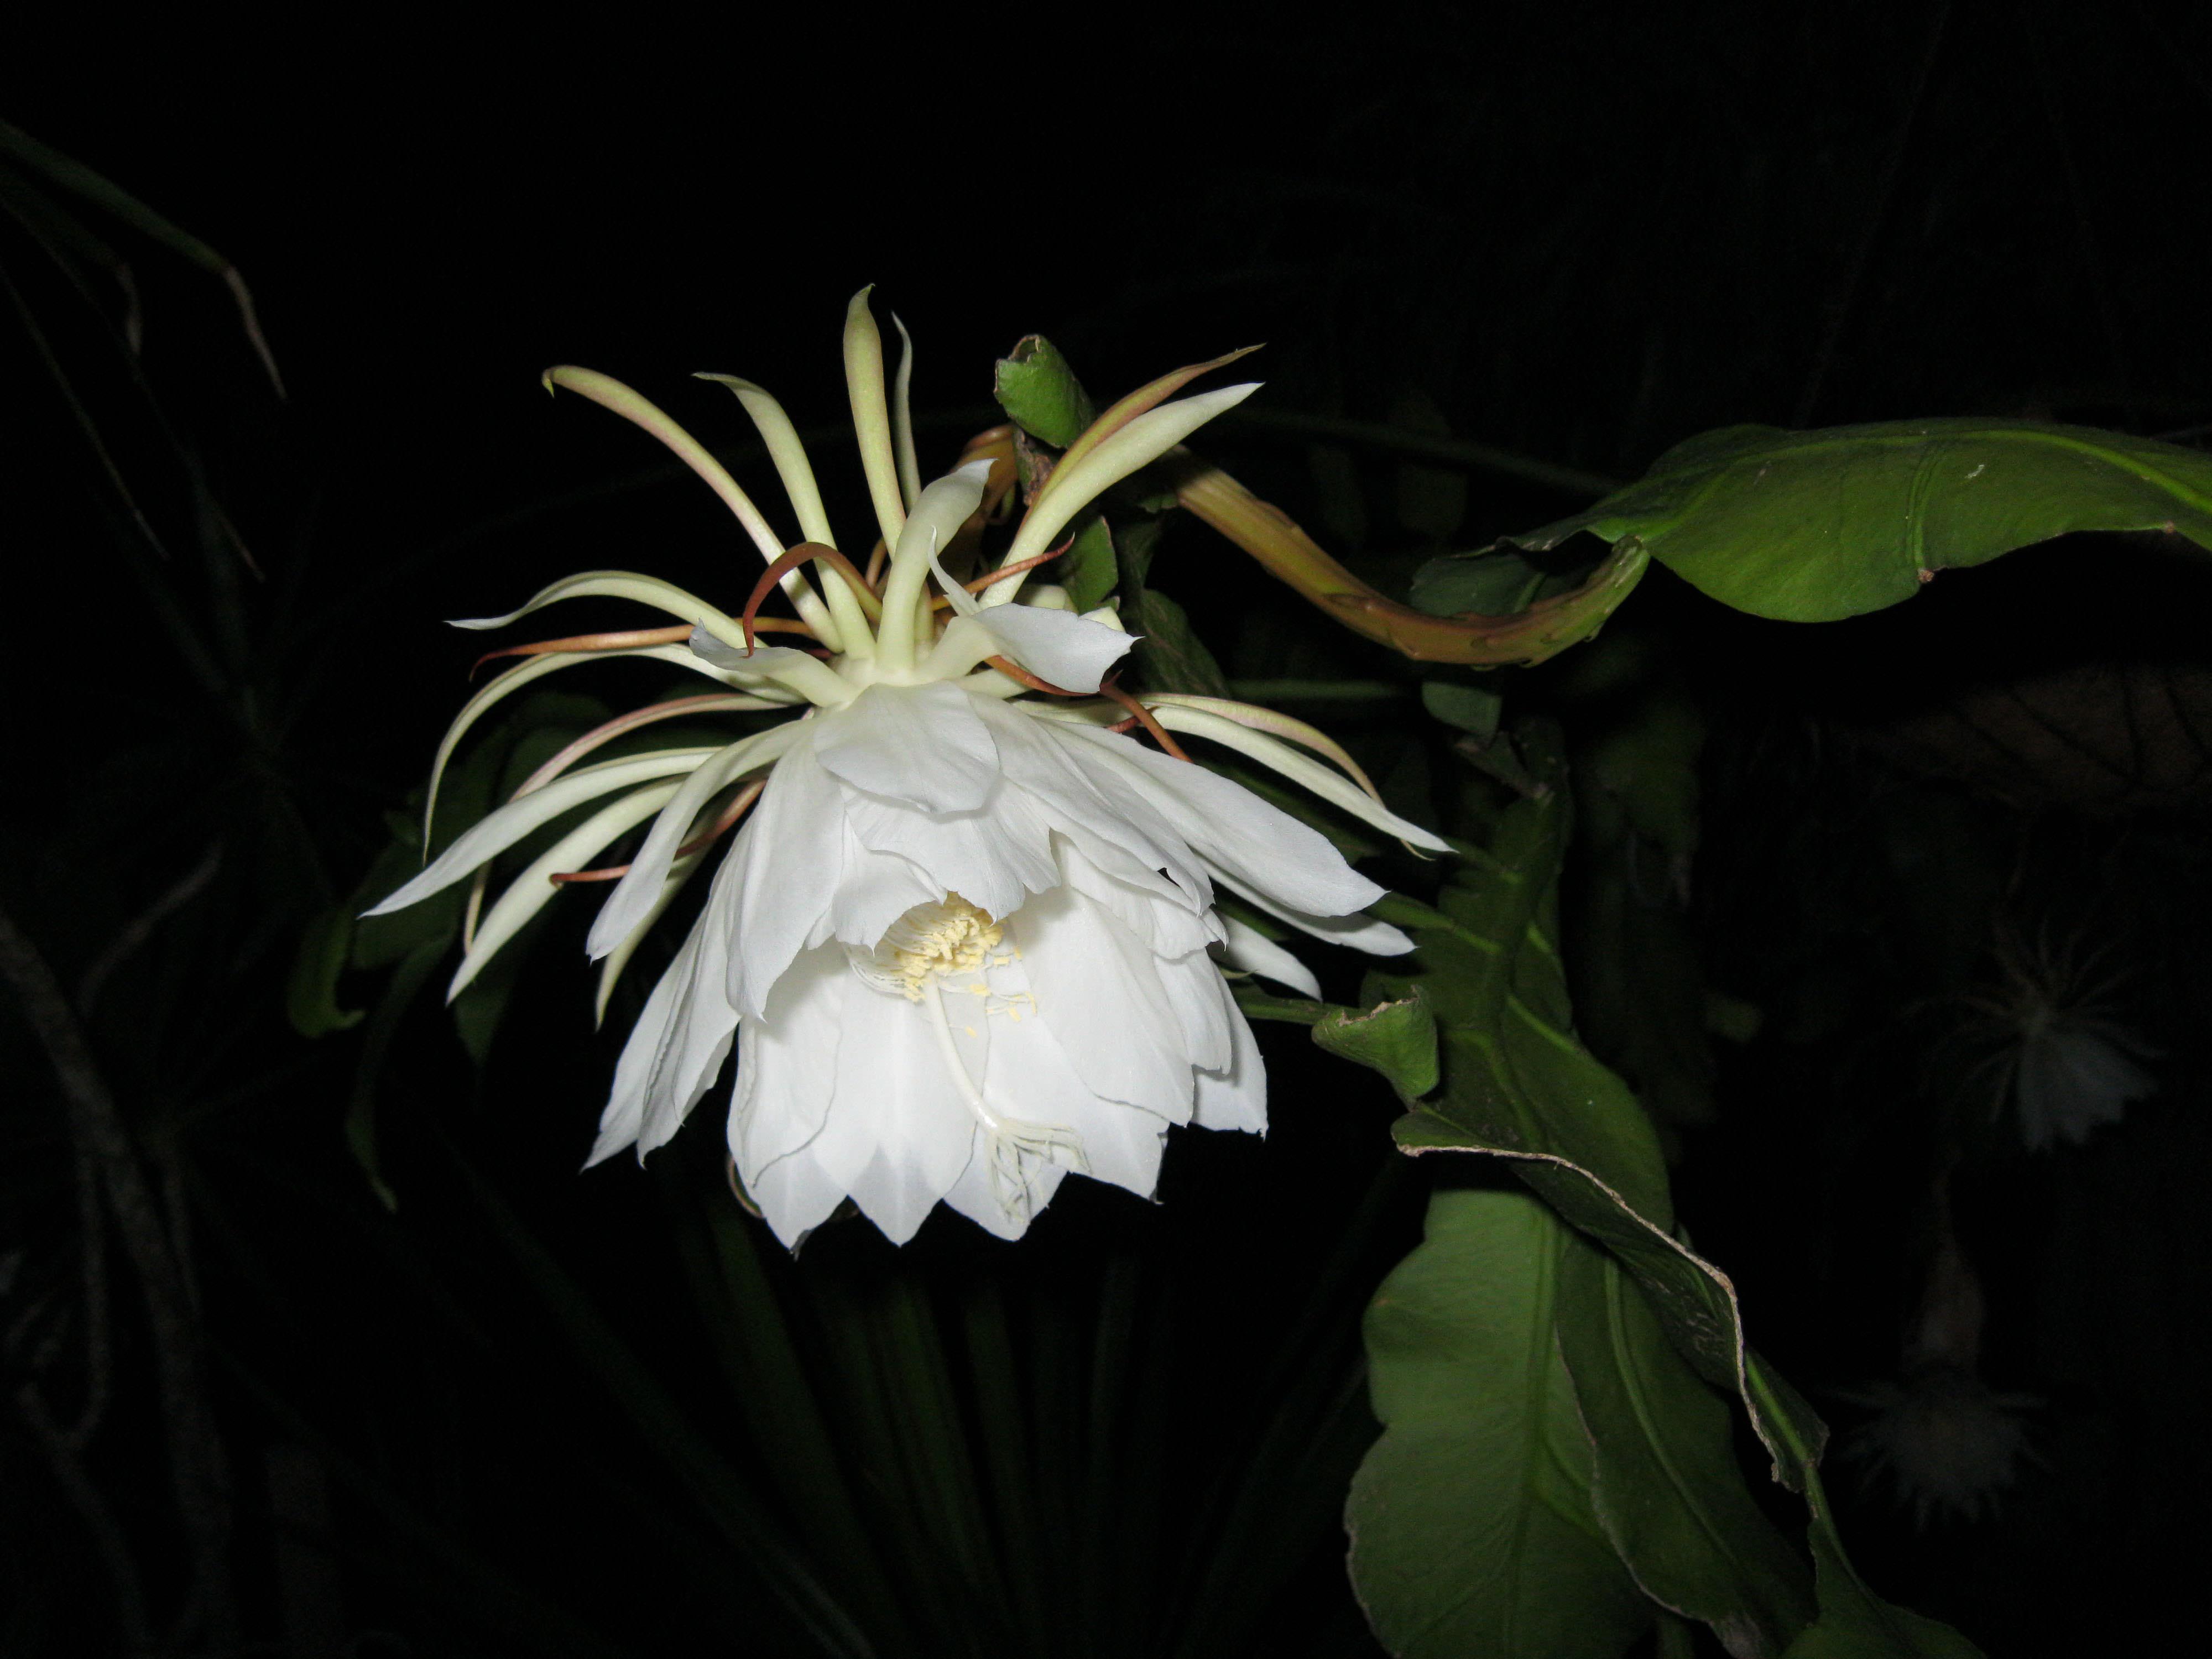 True Night Blooming Cereus Epiphyllum oxypetalum article